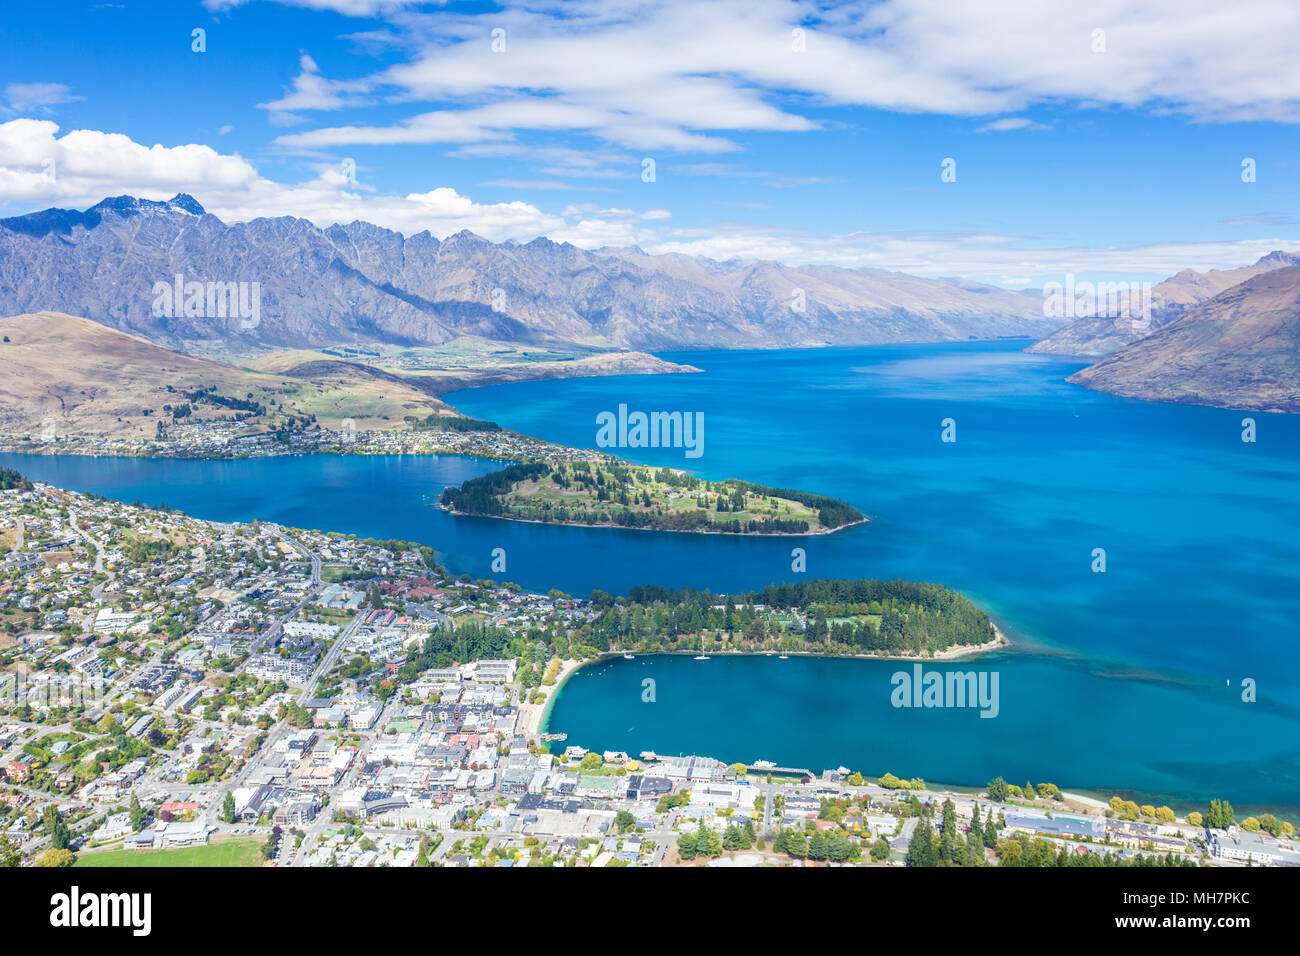 Queenstown Isola del Sud della Nuova Zelanda vista aerea del centro di Queenstown centro città sul lago Wakatipu e il remarkables paesaggio queenstown nuova zelanda Foto Stock